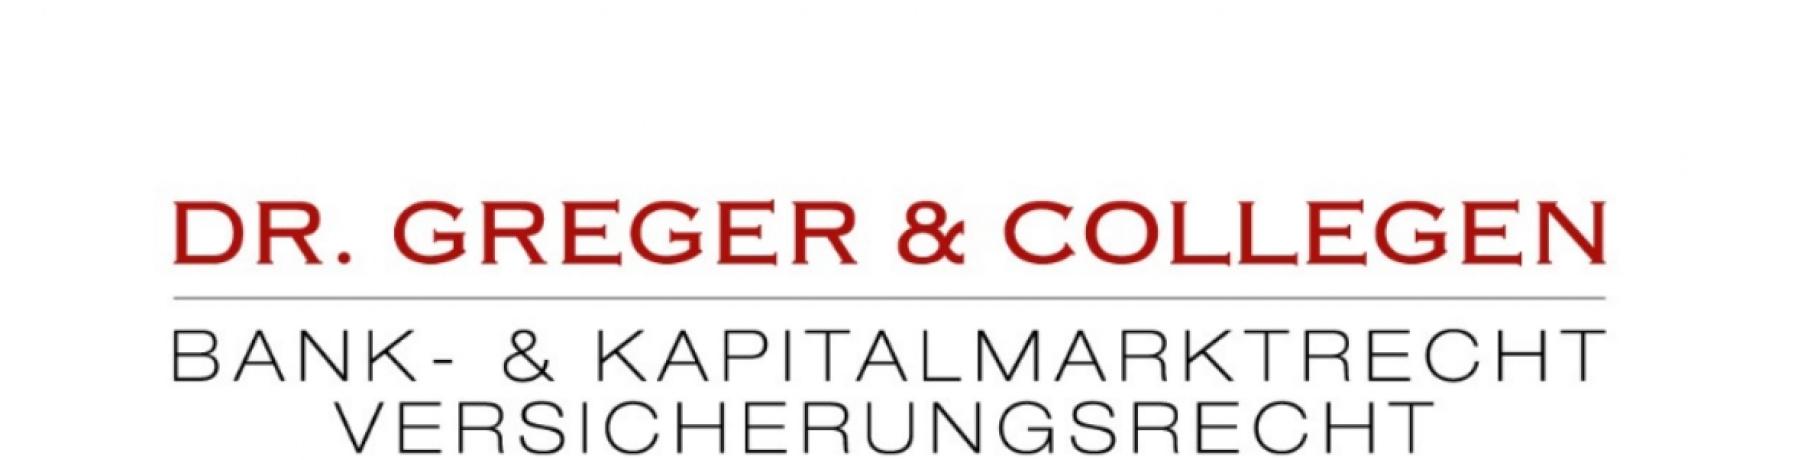 Kanzlei Dr. Greger & Collegen